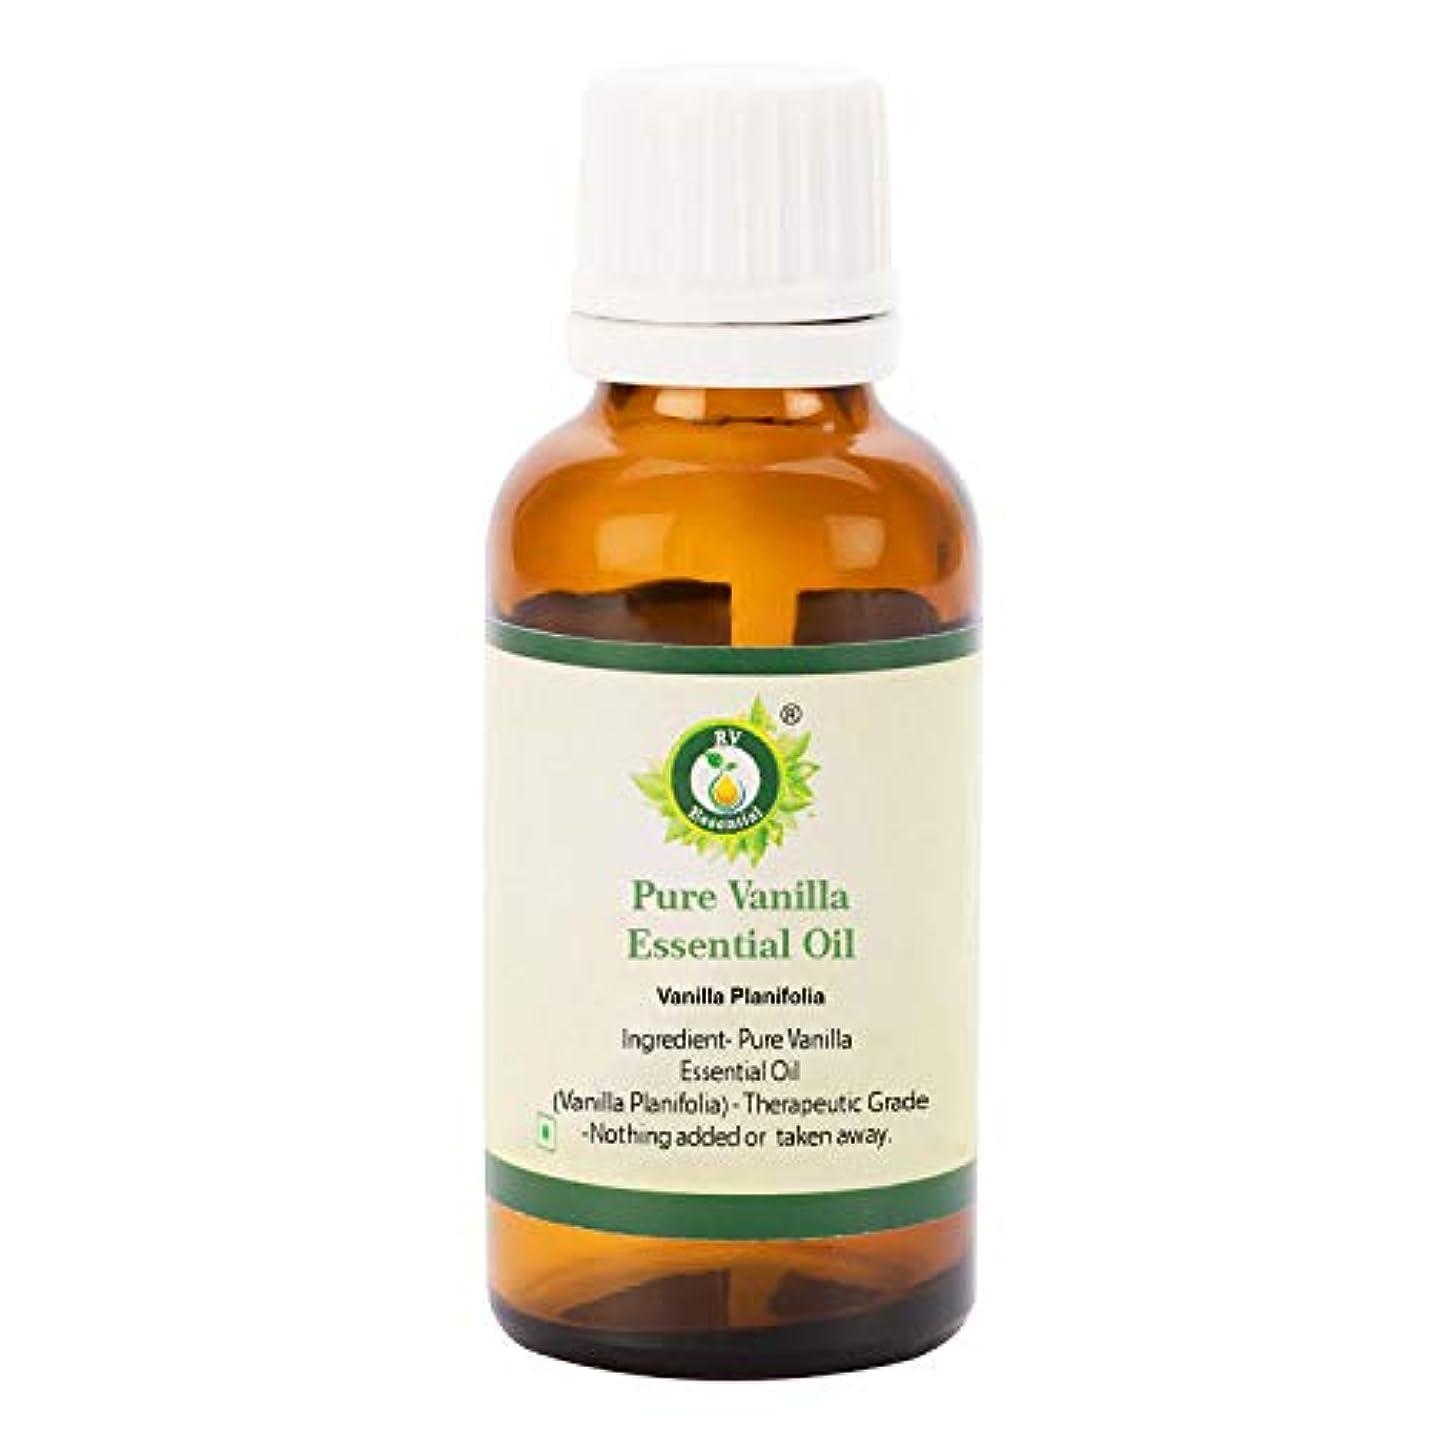 用心深い推定する聞きますR V Essential ピュアバニラエッセンシャルオイル50ml (1.69oz)- Vanilla Planifolia (100%純粋&天然) Pure Vanilla Essential Oil